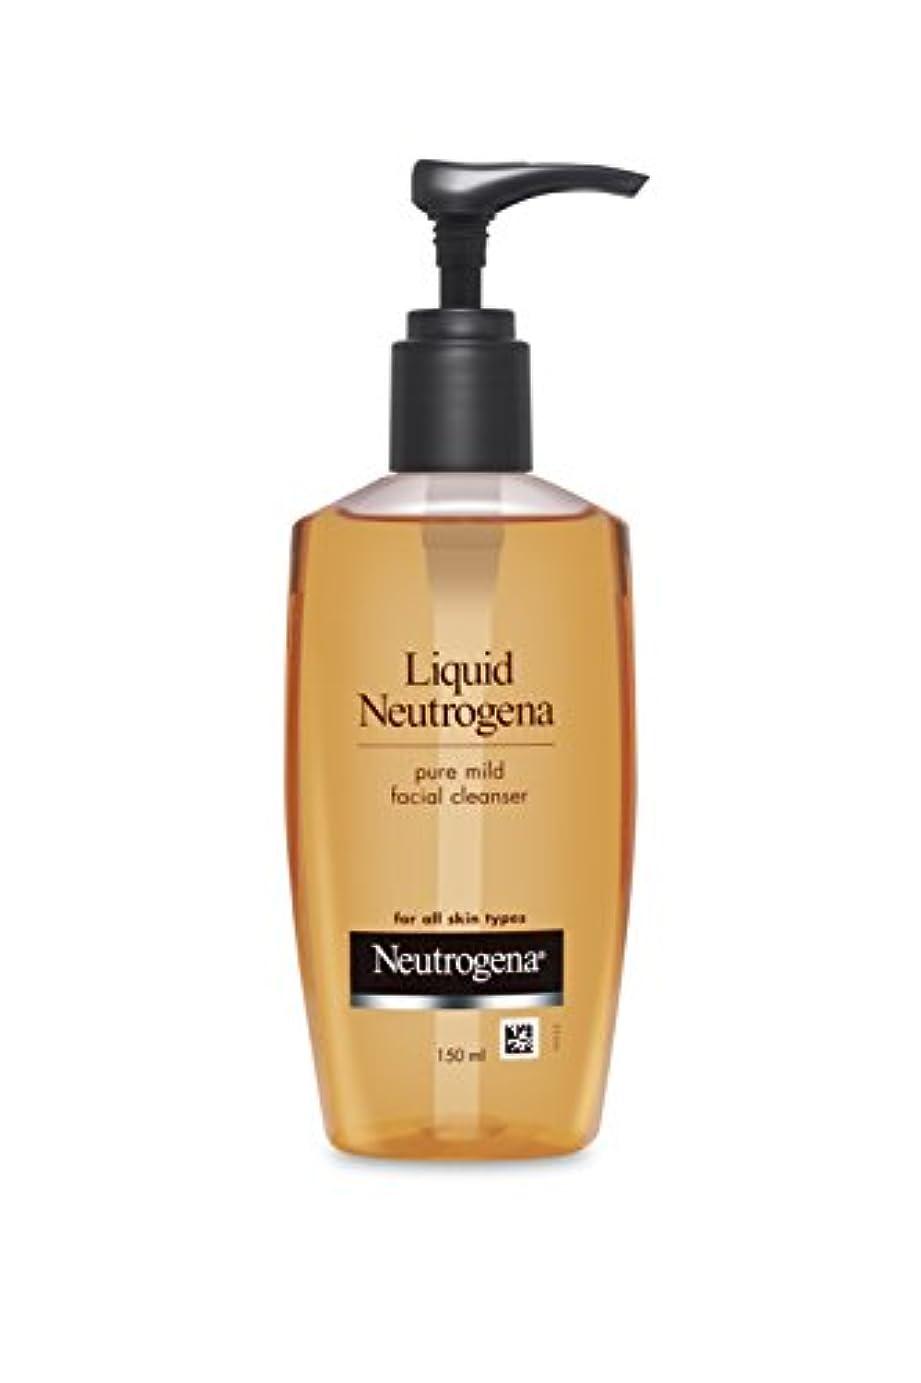 性的報復記念品Liquid Neutrogena (Mild Facial Cleanser), 150ml